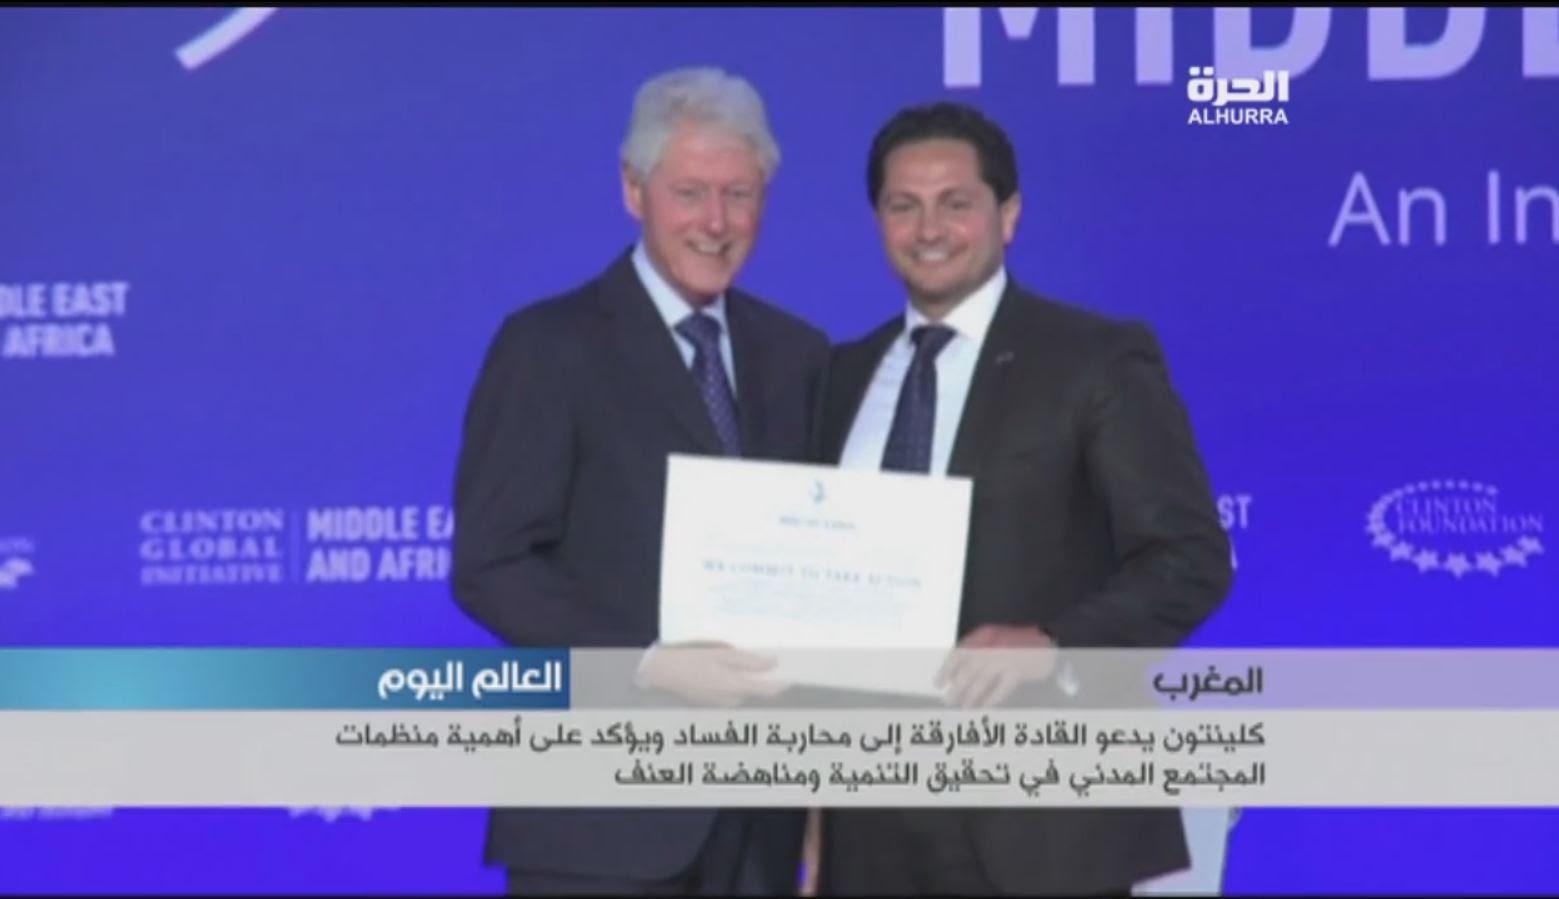 مبادرة كلينتون في مراكش